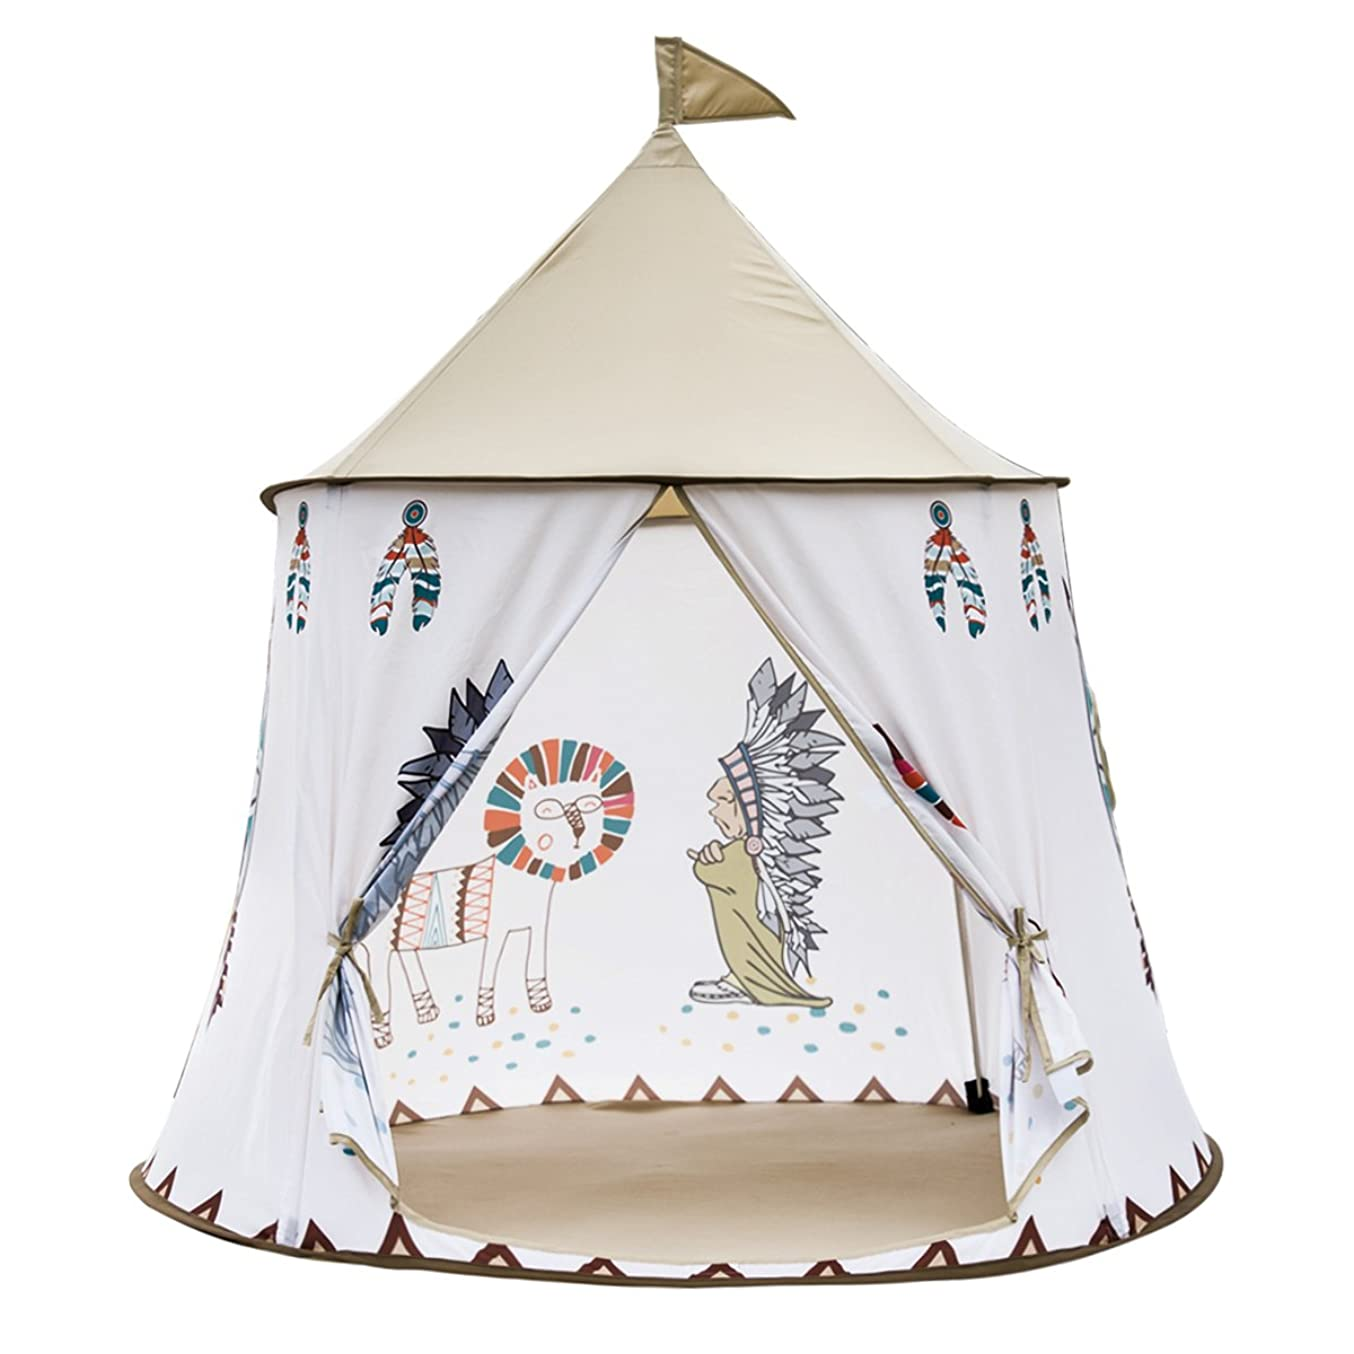 バウンド乳白速い子供用テント ハウステント キッズテント 折り畳みテント おもちゃハウス  クリスマス お誕生日 お出産祝いプレゼント (青い)